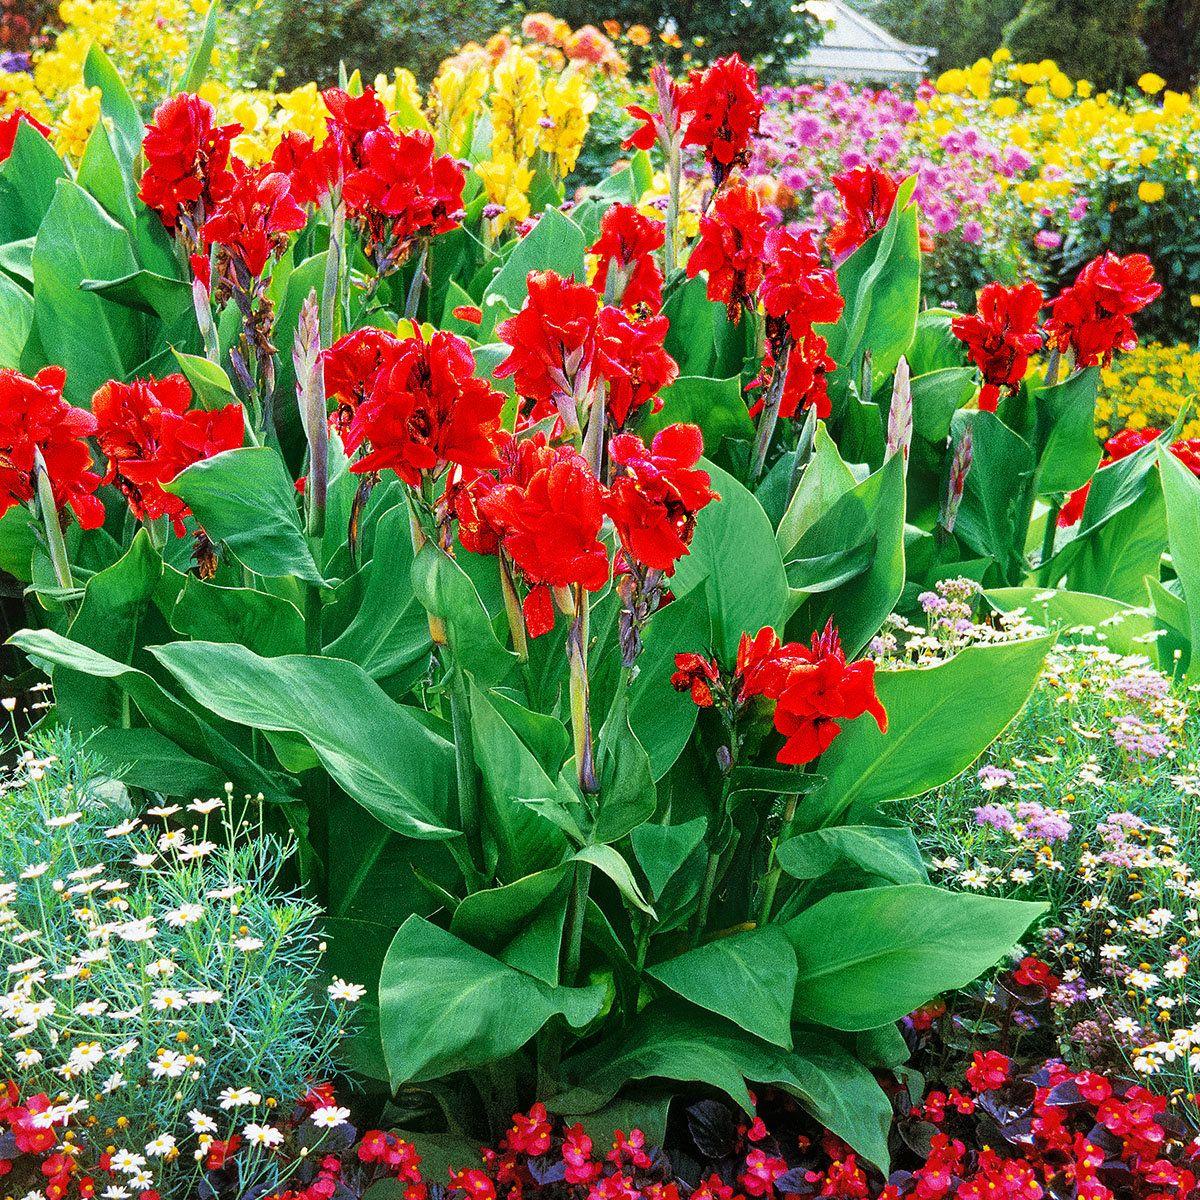 Canna Flamenco Indisches Blumenrohr Blumenrohr Indisches Blumenrohr Pflanzen